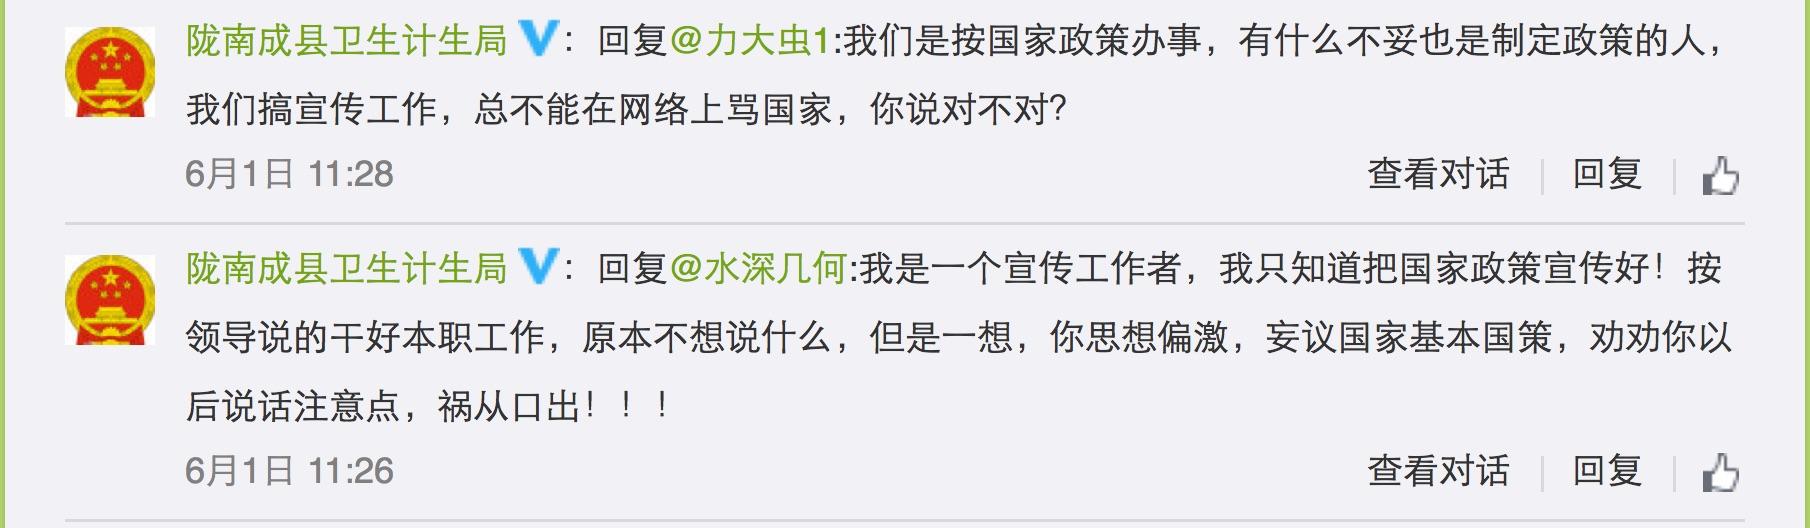 陇南成县卫生计生局2